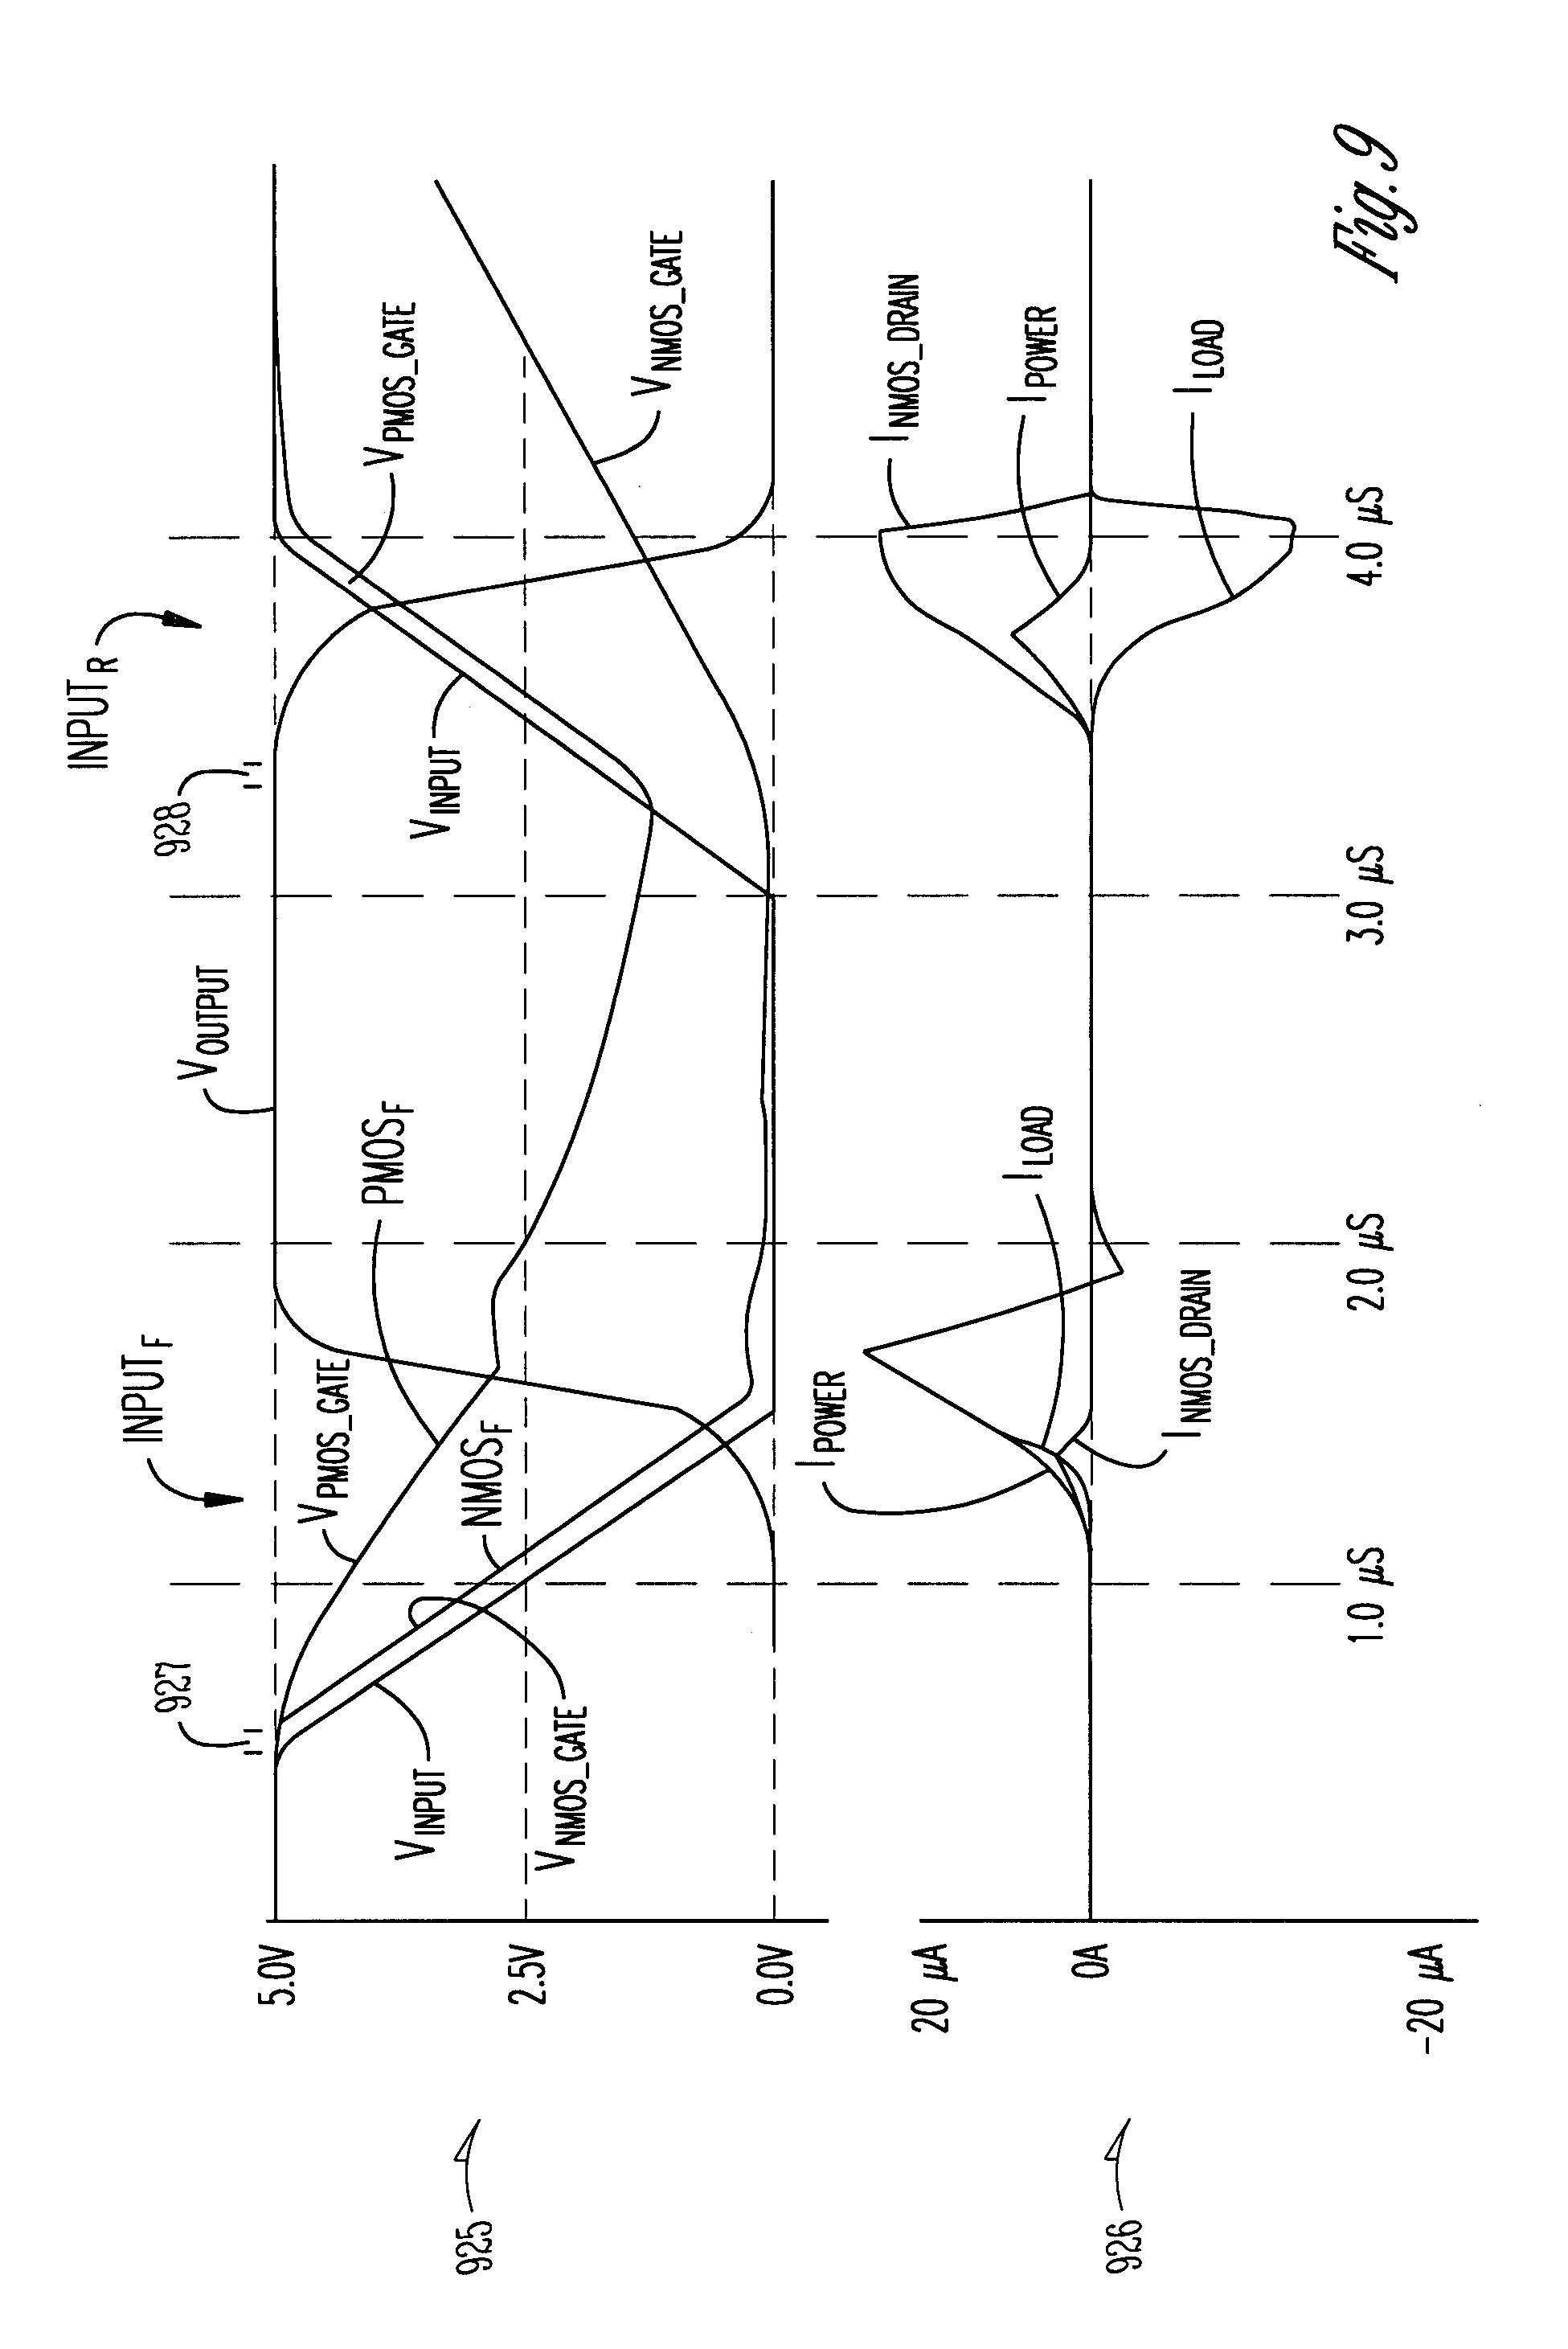 patent us7312626